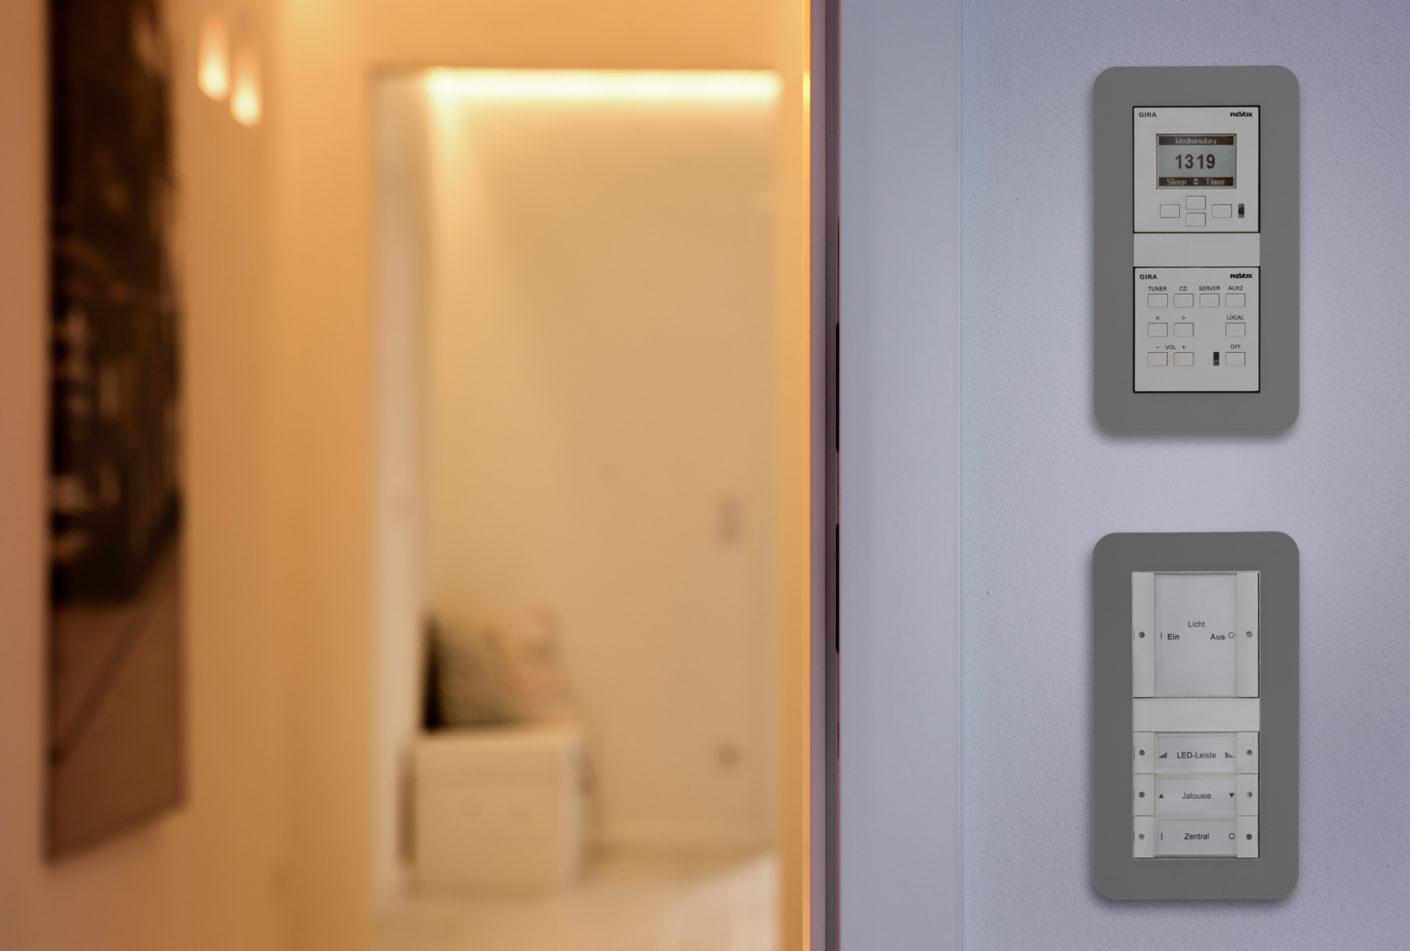 Дополнительная активация функций умного дома с помощью настенных выключателей и сенсоров повышает комфорт дома. Например, в случае когда вы не можете найти свой телефон по каким-либо причинам © Gira